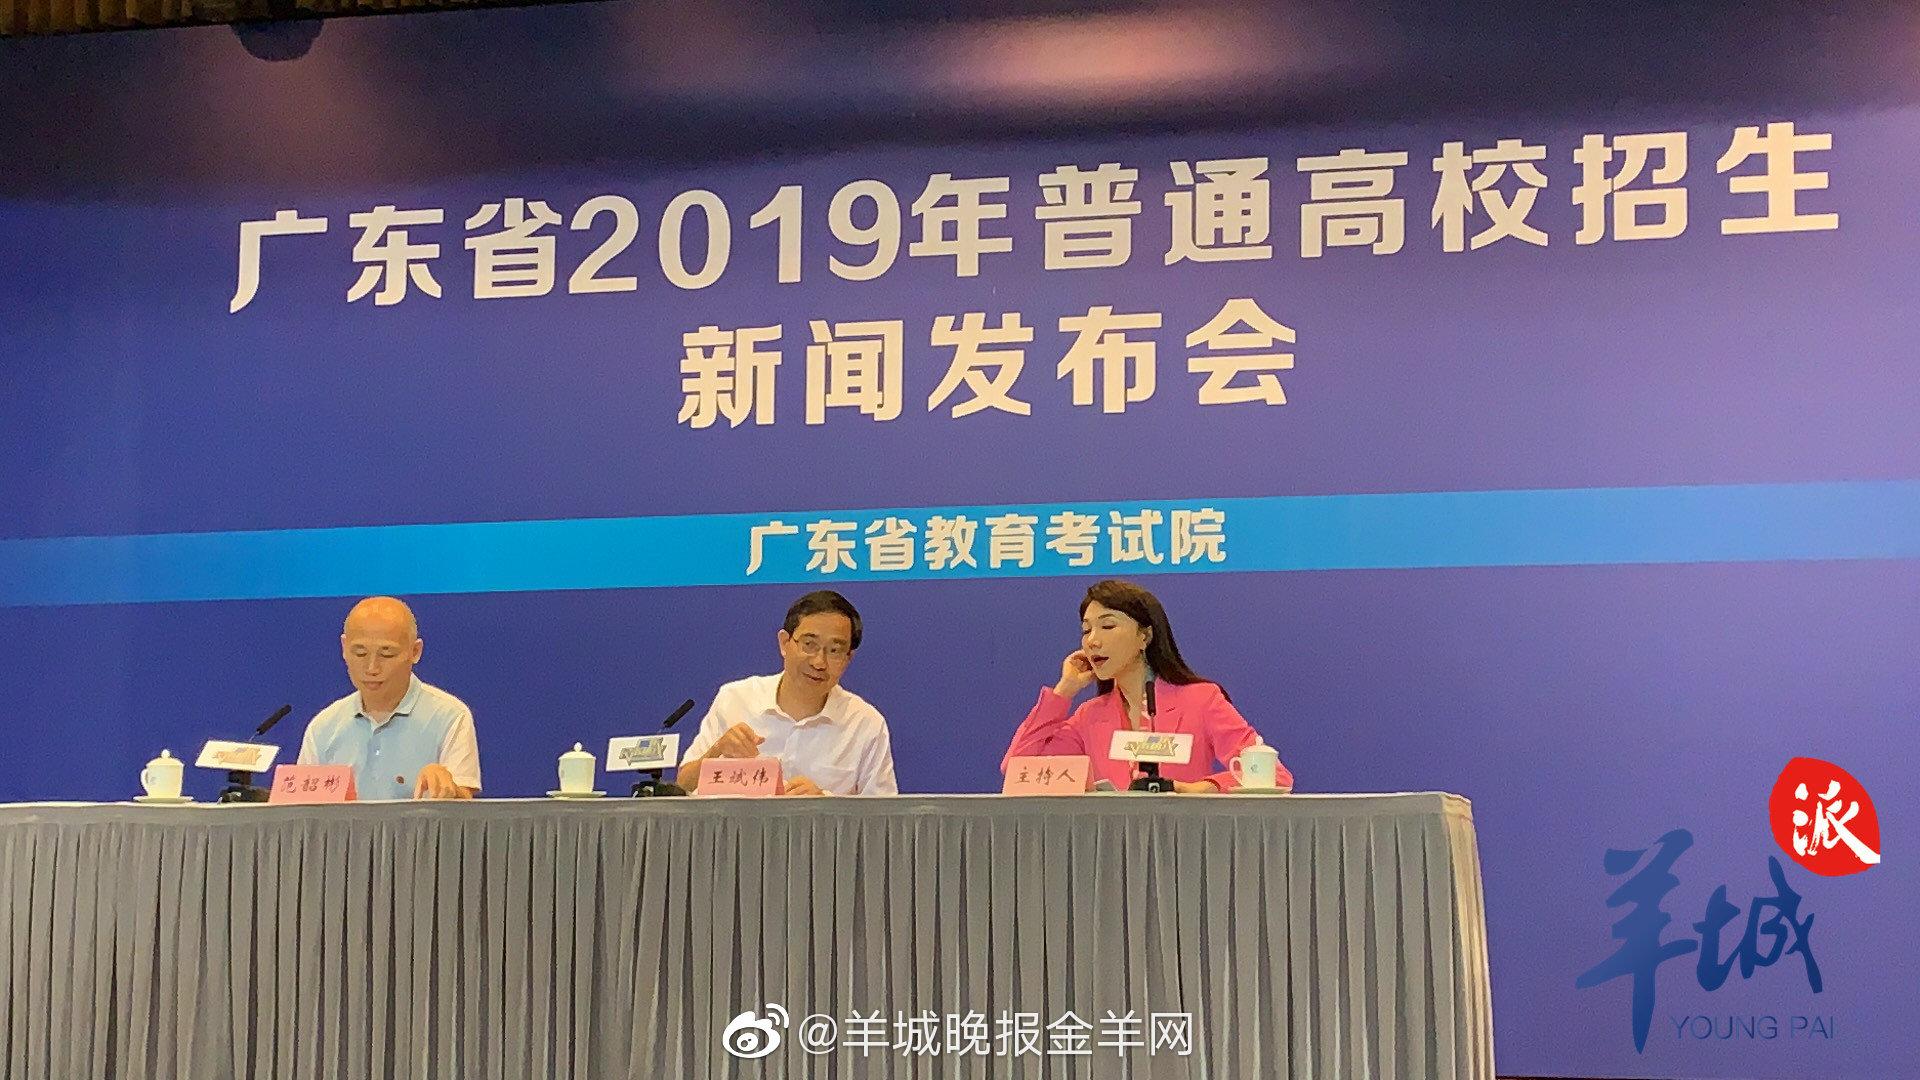 节目已经开始!广东省教育考试院院长、省招生办主任王斌伟